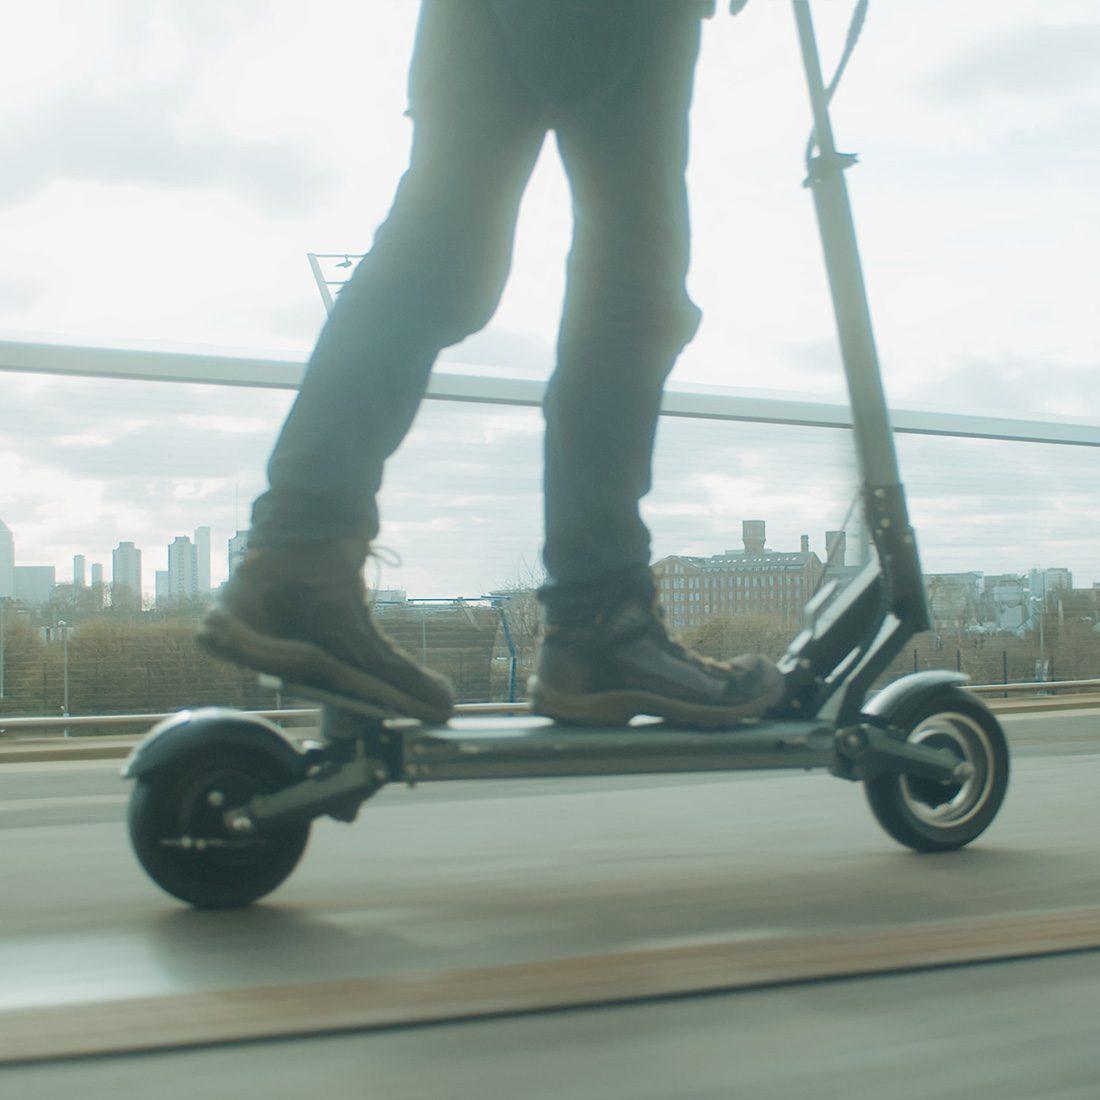 vsett 8 electric scooter